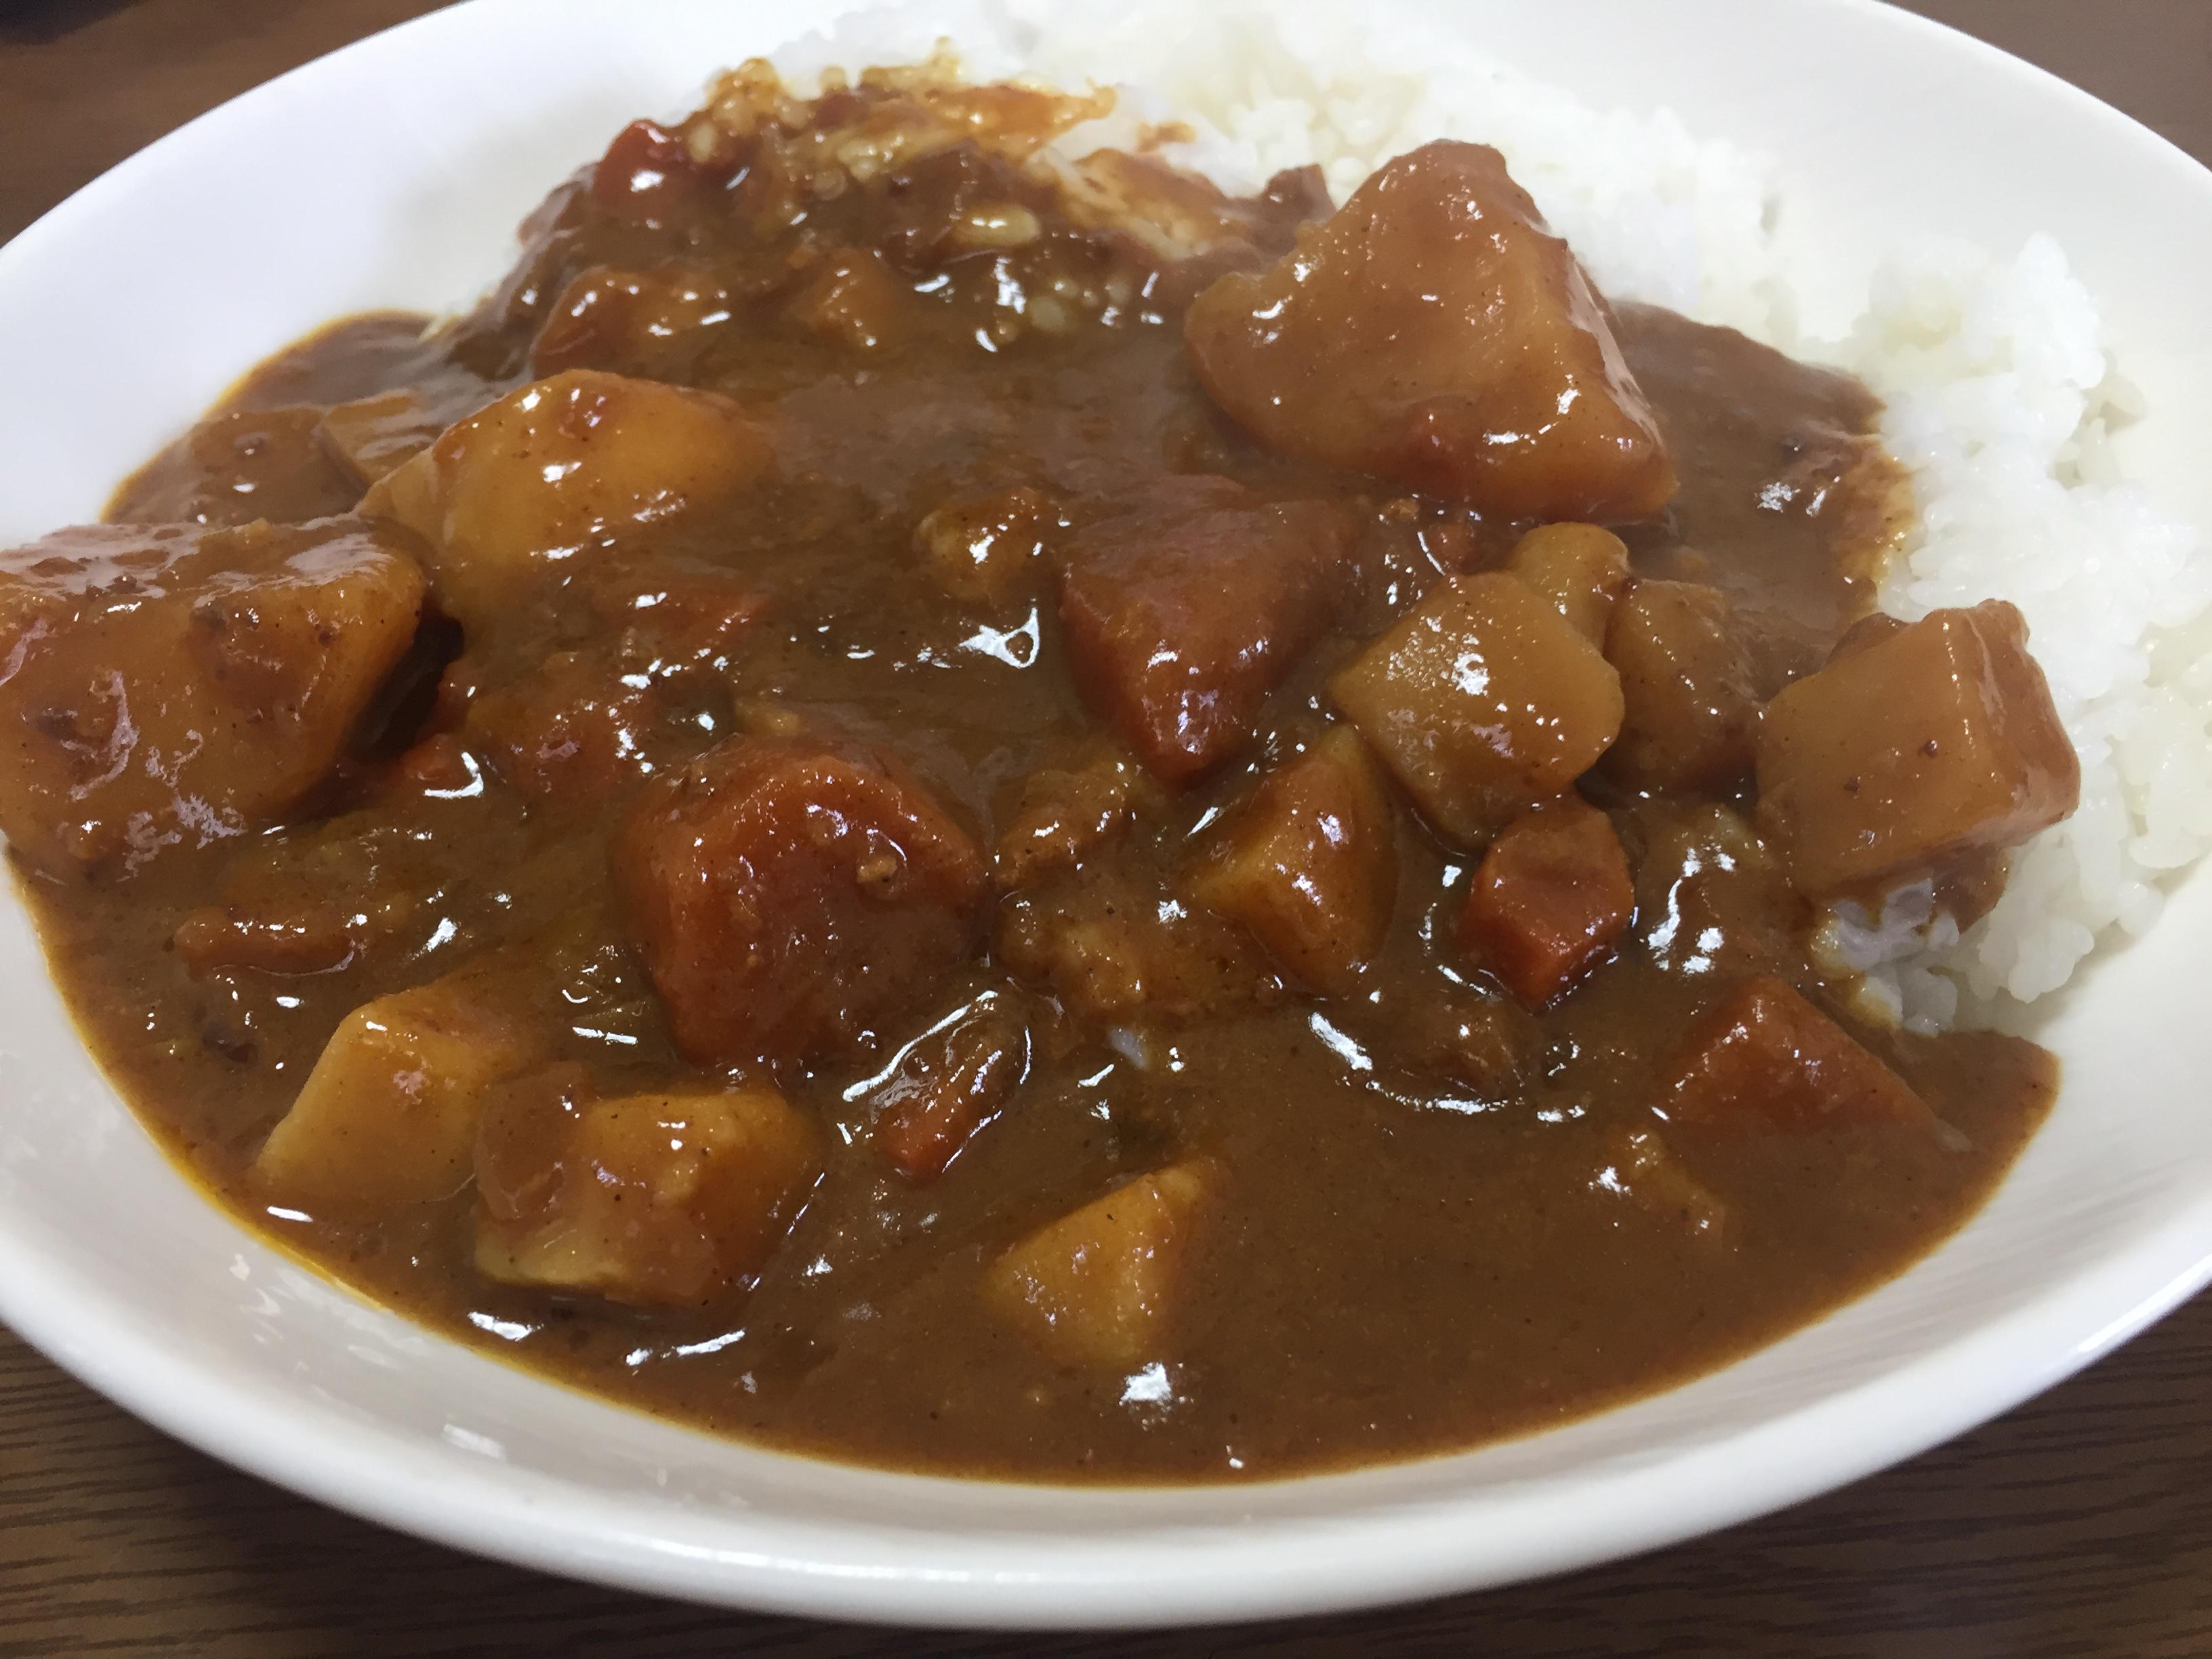 無印良品のごろごろ野菜と豚ひき肉の大盛りカレー